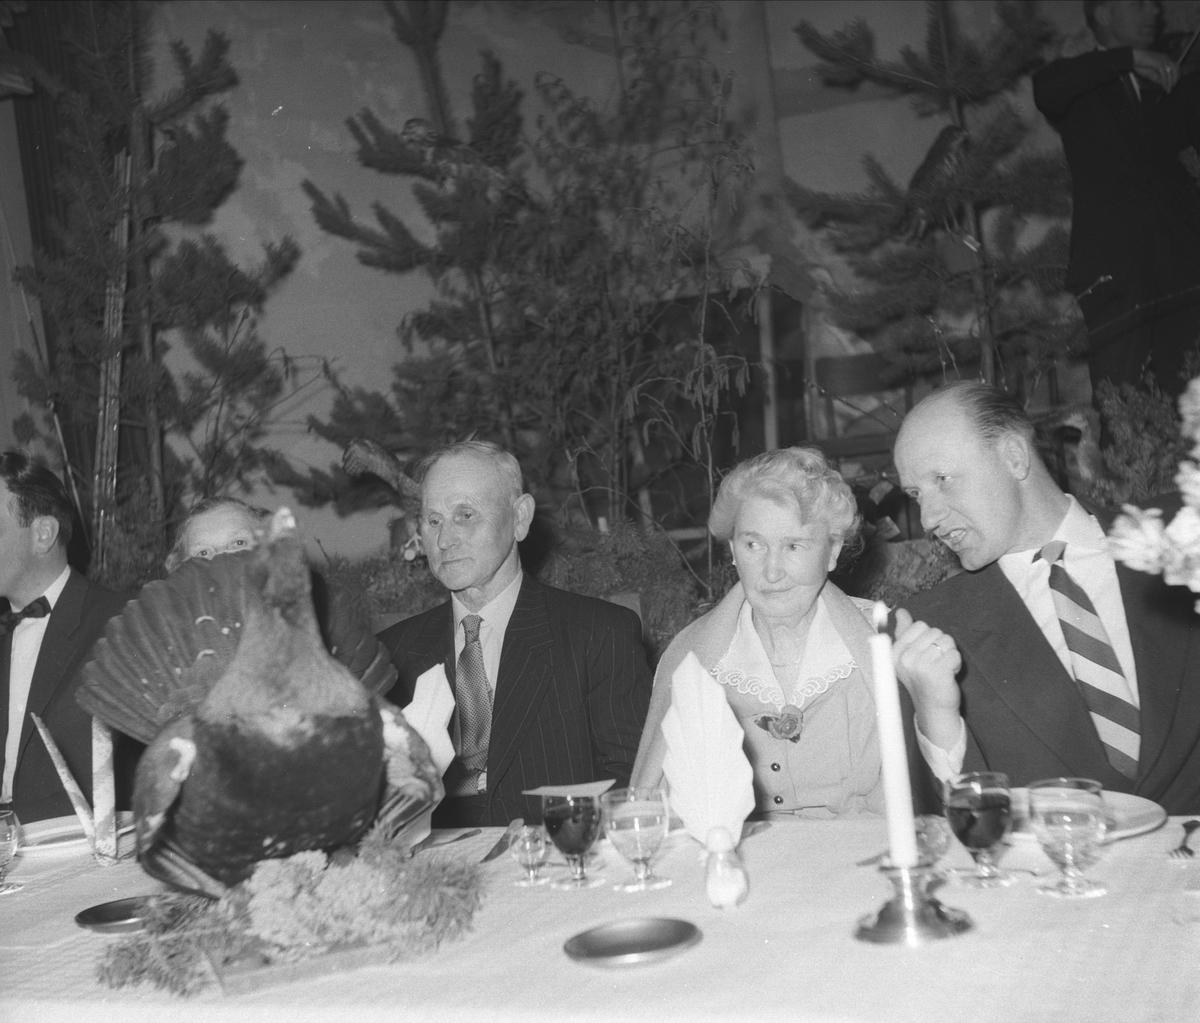 LØITEN JÆGER OG FISKEFORENING, FEIRING AV 50-ÅRS JUBILEUM I BØNDERNES HUS I LØTEN. FESTBORD. SE HAMAR STIFTSTIDENDE 5. APRIL 1960.